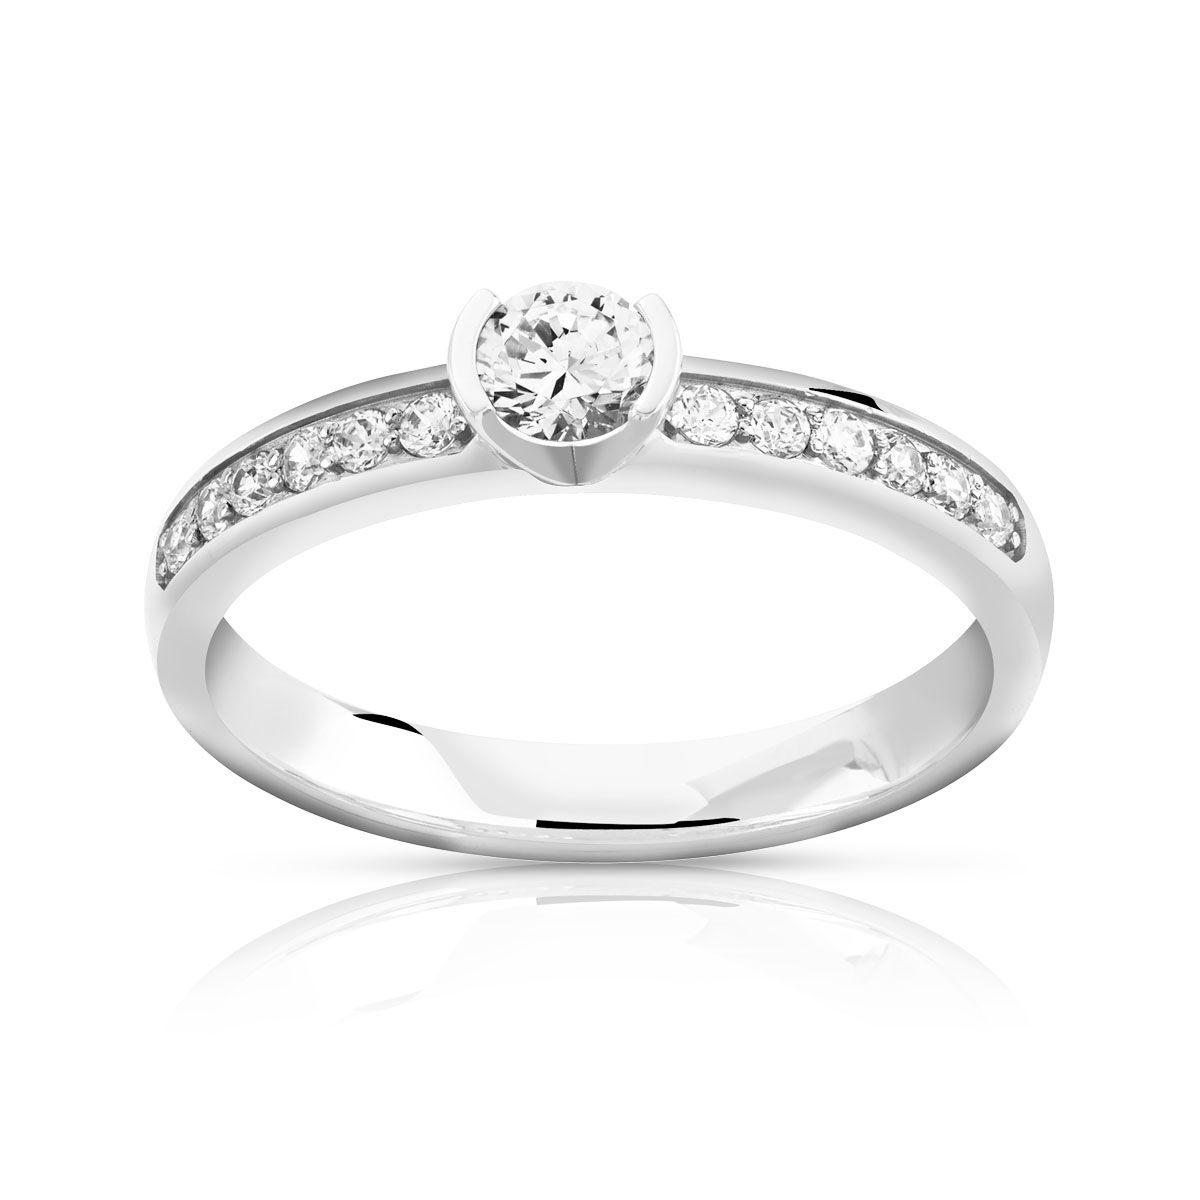 MATY Bague solitaire or 750 blanc diamant 40/100e de carat- MATY